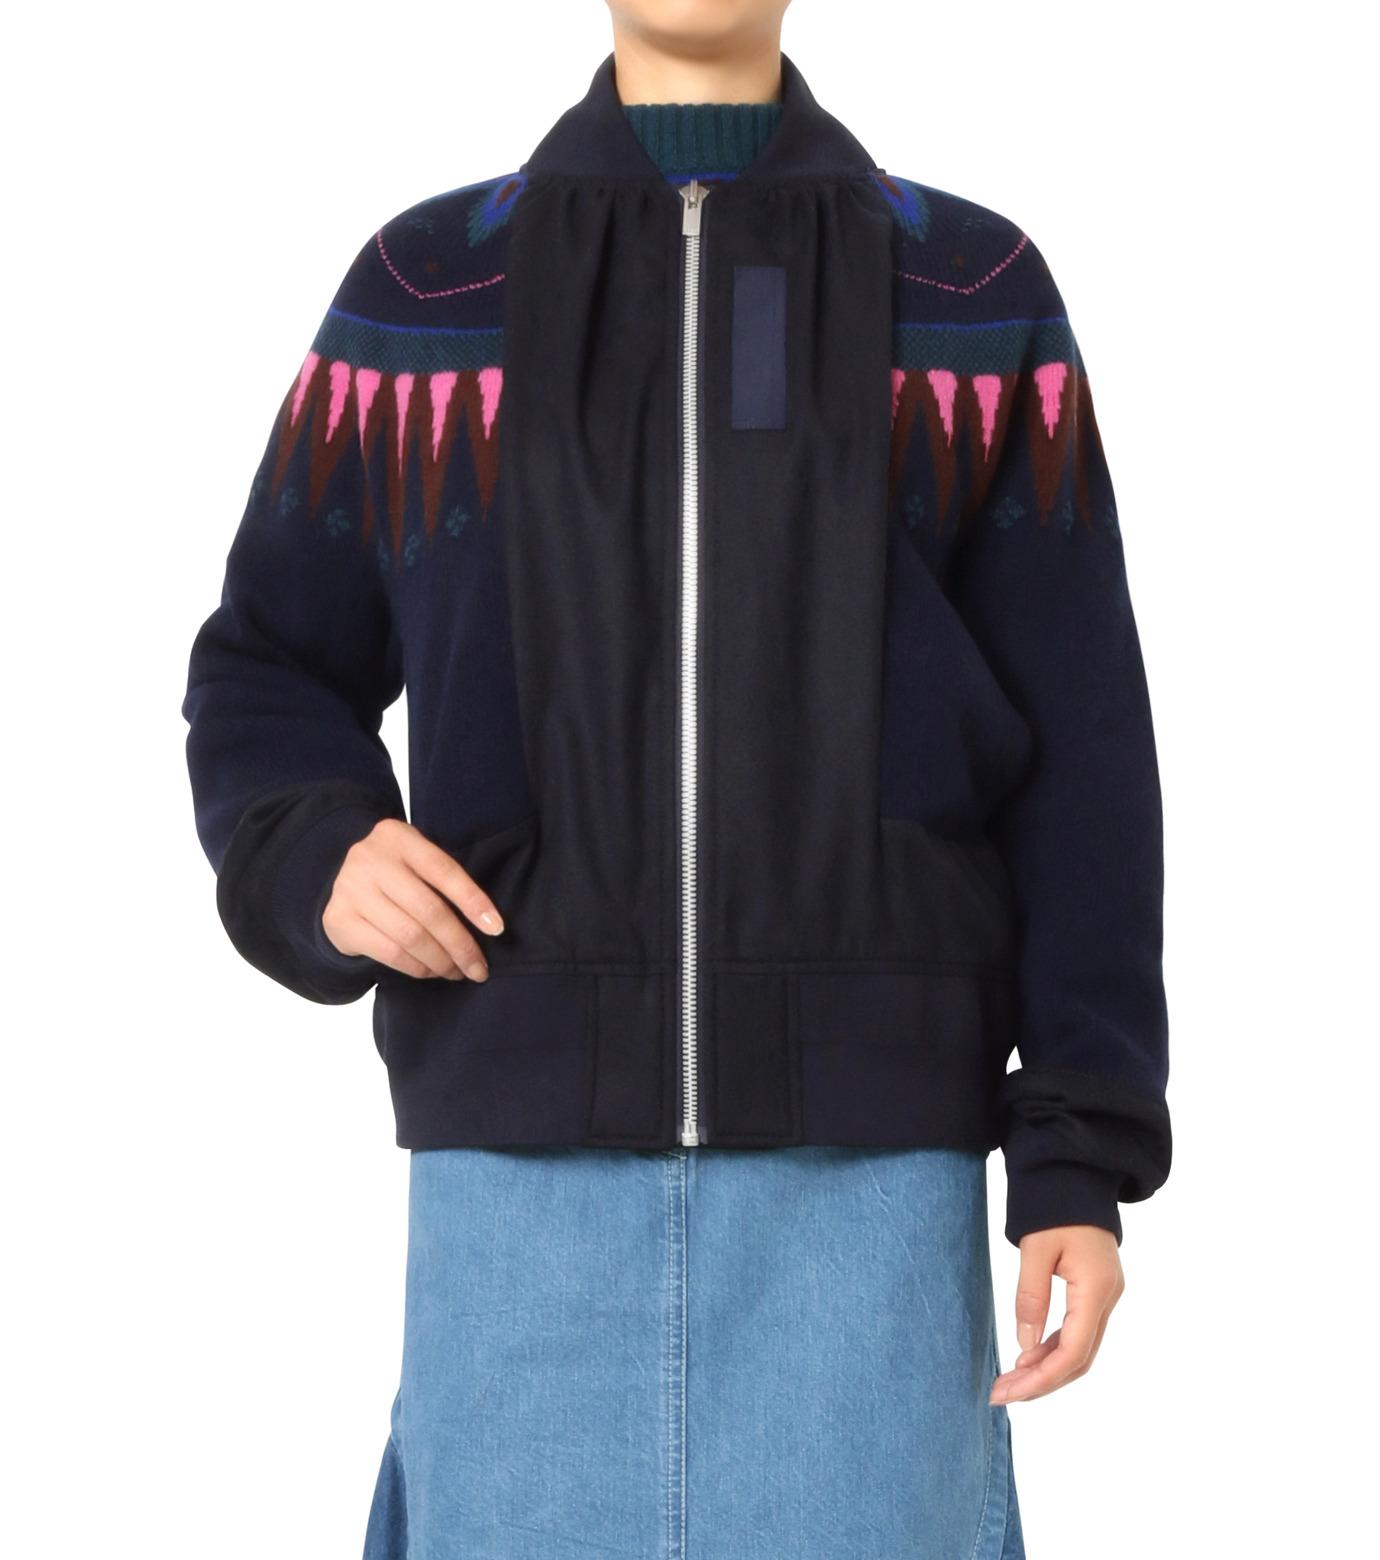 Sacai(サカイ)のFairisle Knit Blouson-NAVY(ニット/knit)-16-02726-93 拡大詳細画像1